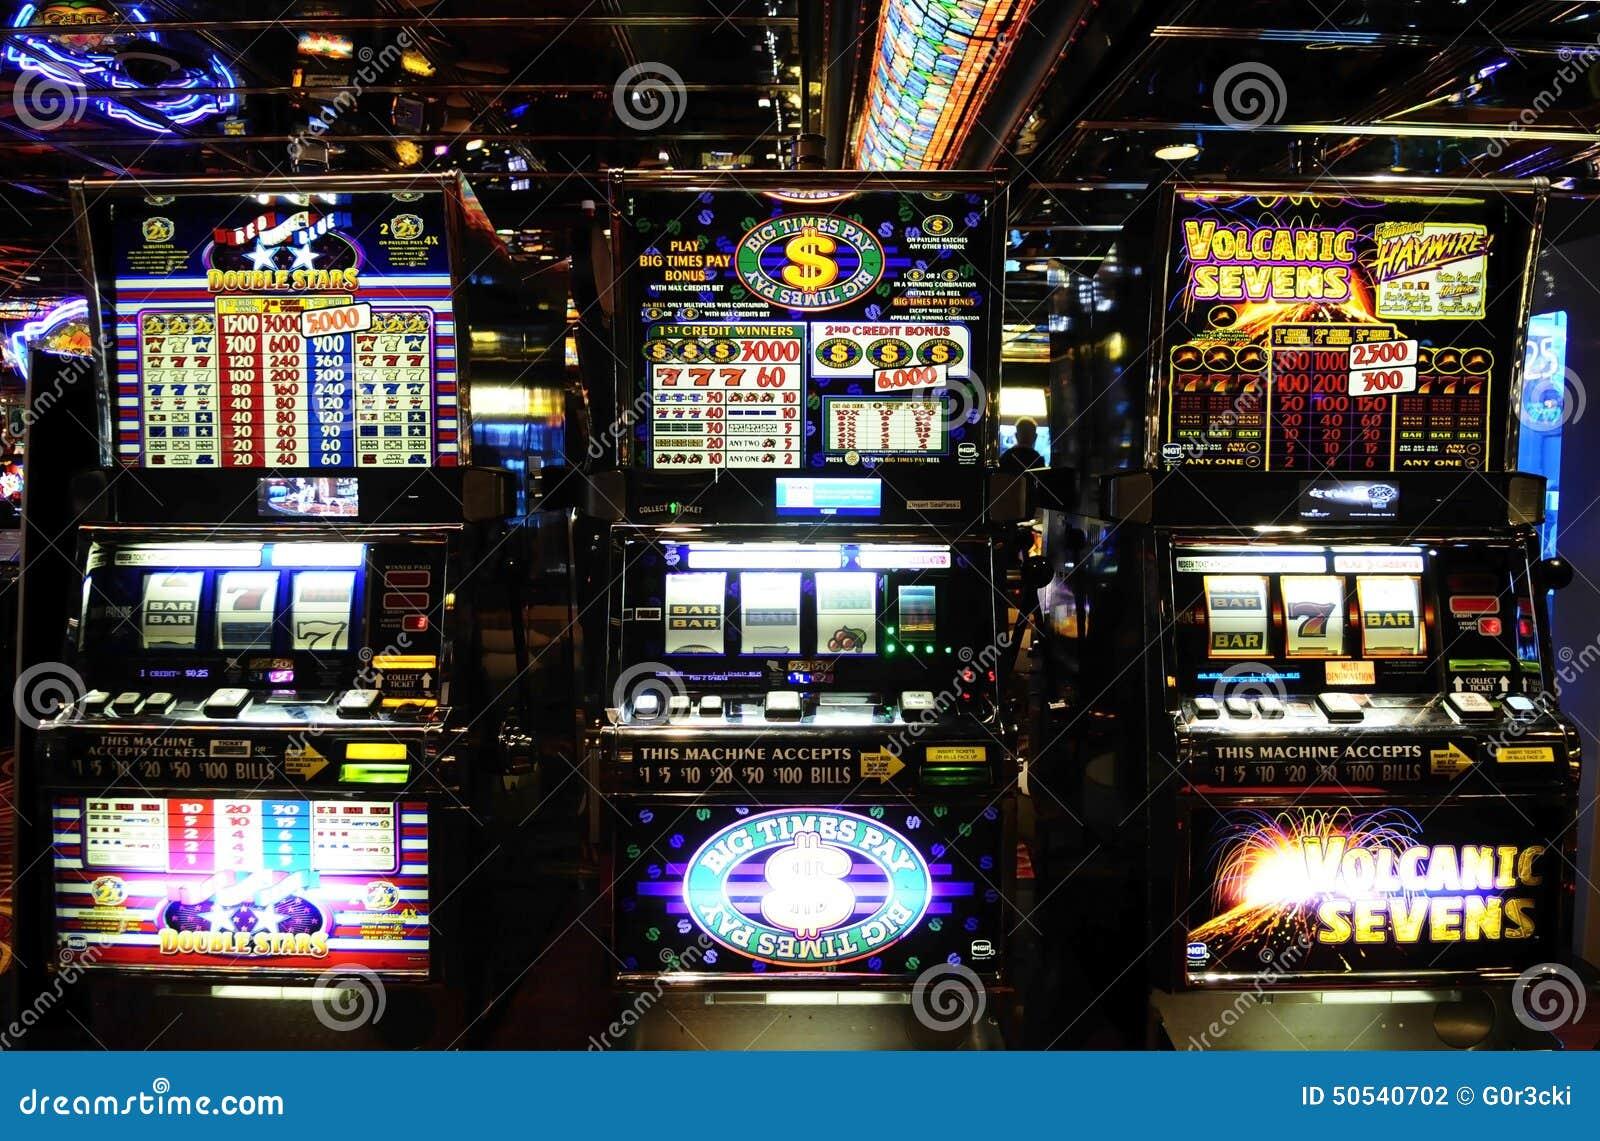 Bitcoin Cash Gambling 25128